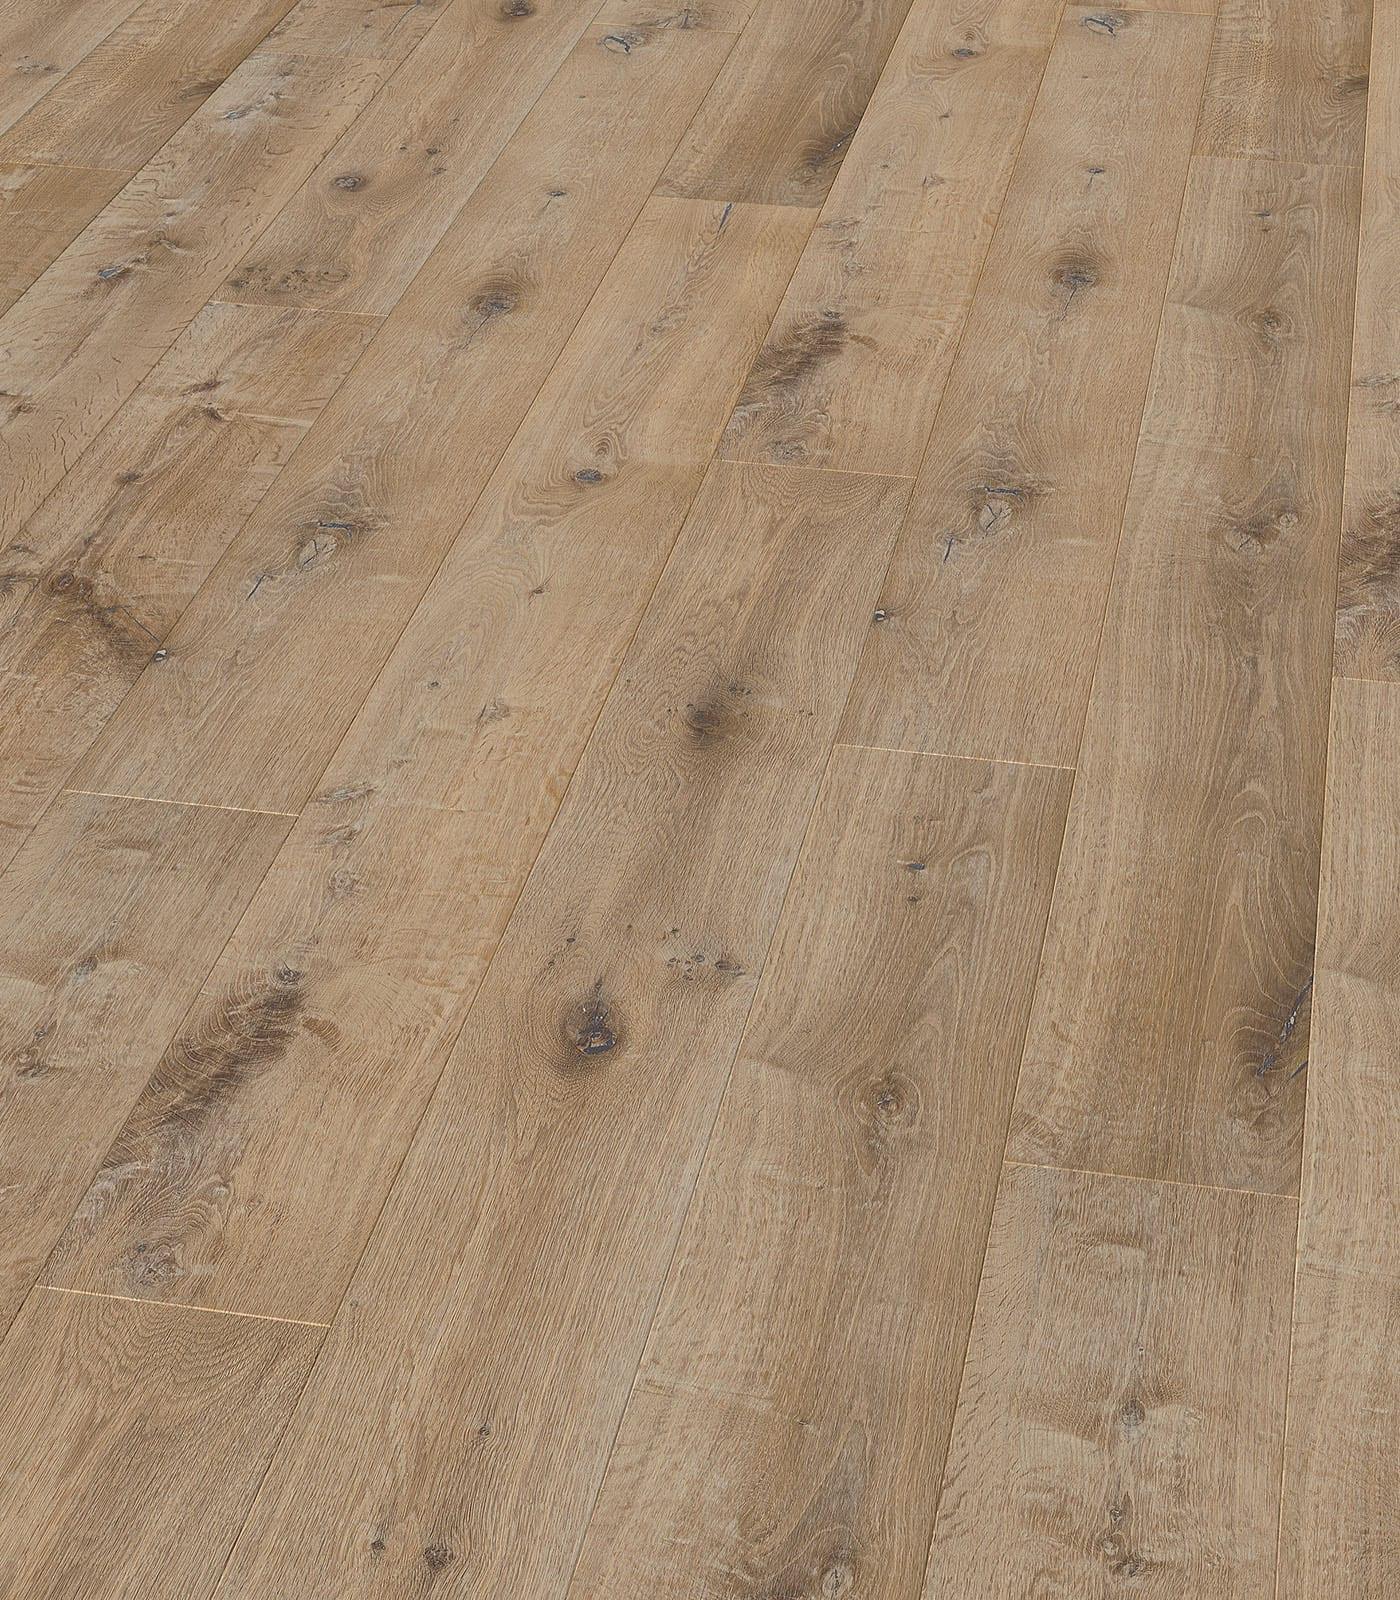 Moorea-european Oak floors-Lifestyle Collection-angle